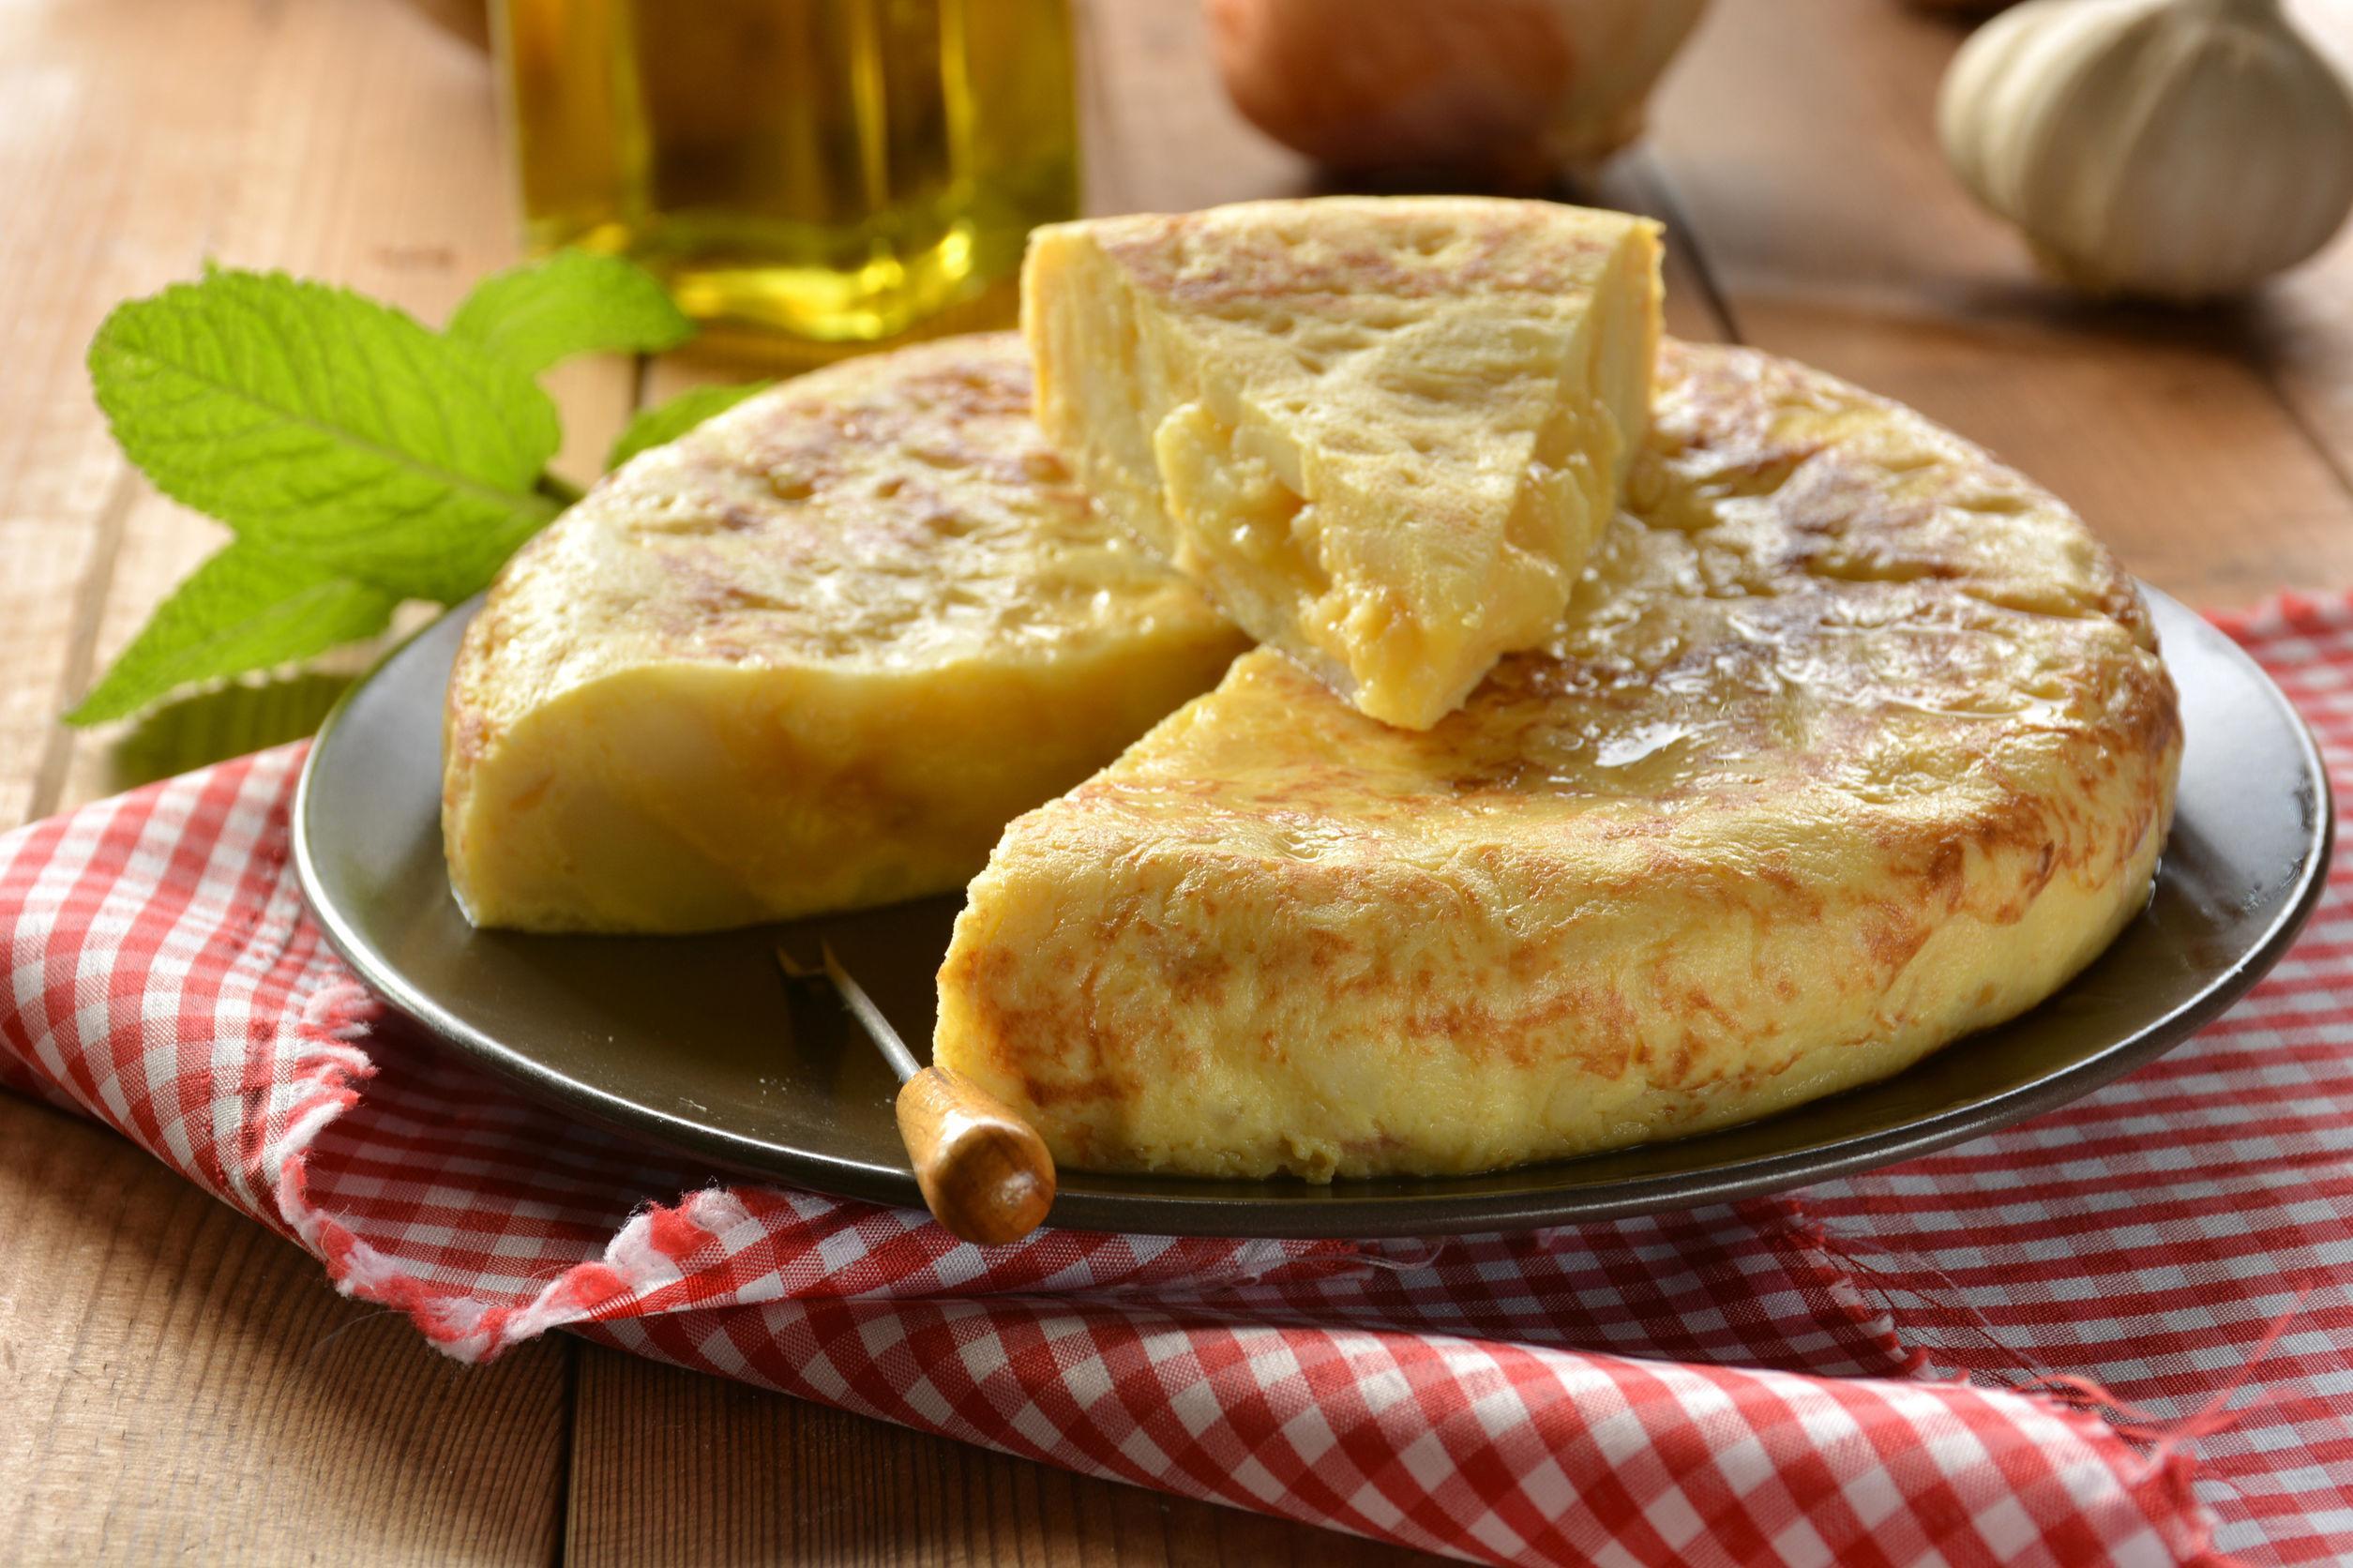 Ricetta Per Tortillas Spagnole.Tortilla Di Patate Spagnola La Ricetta E 5 Varianti Deabyday